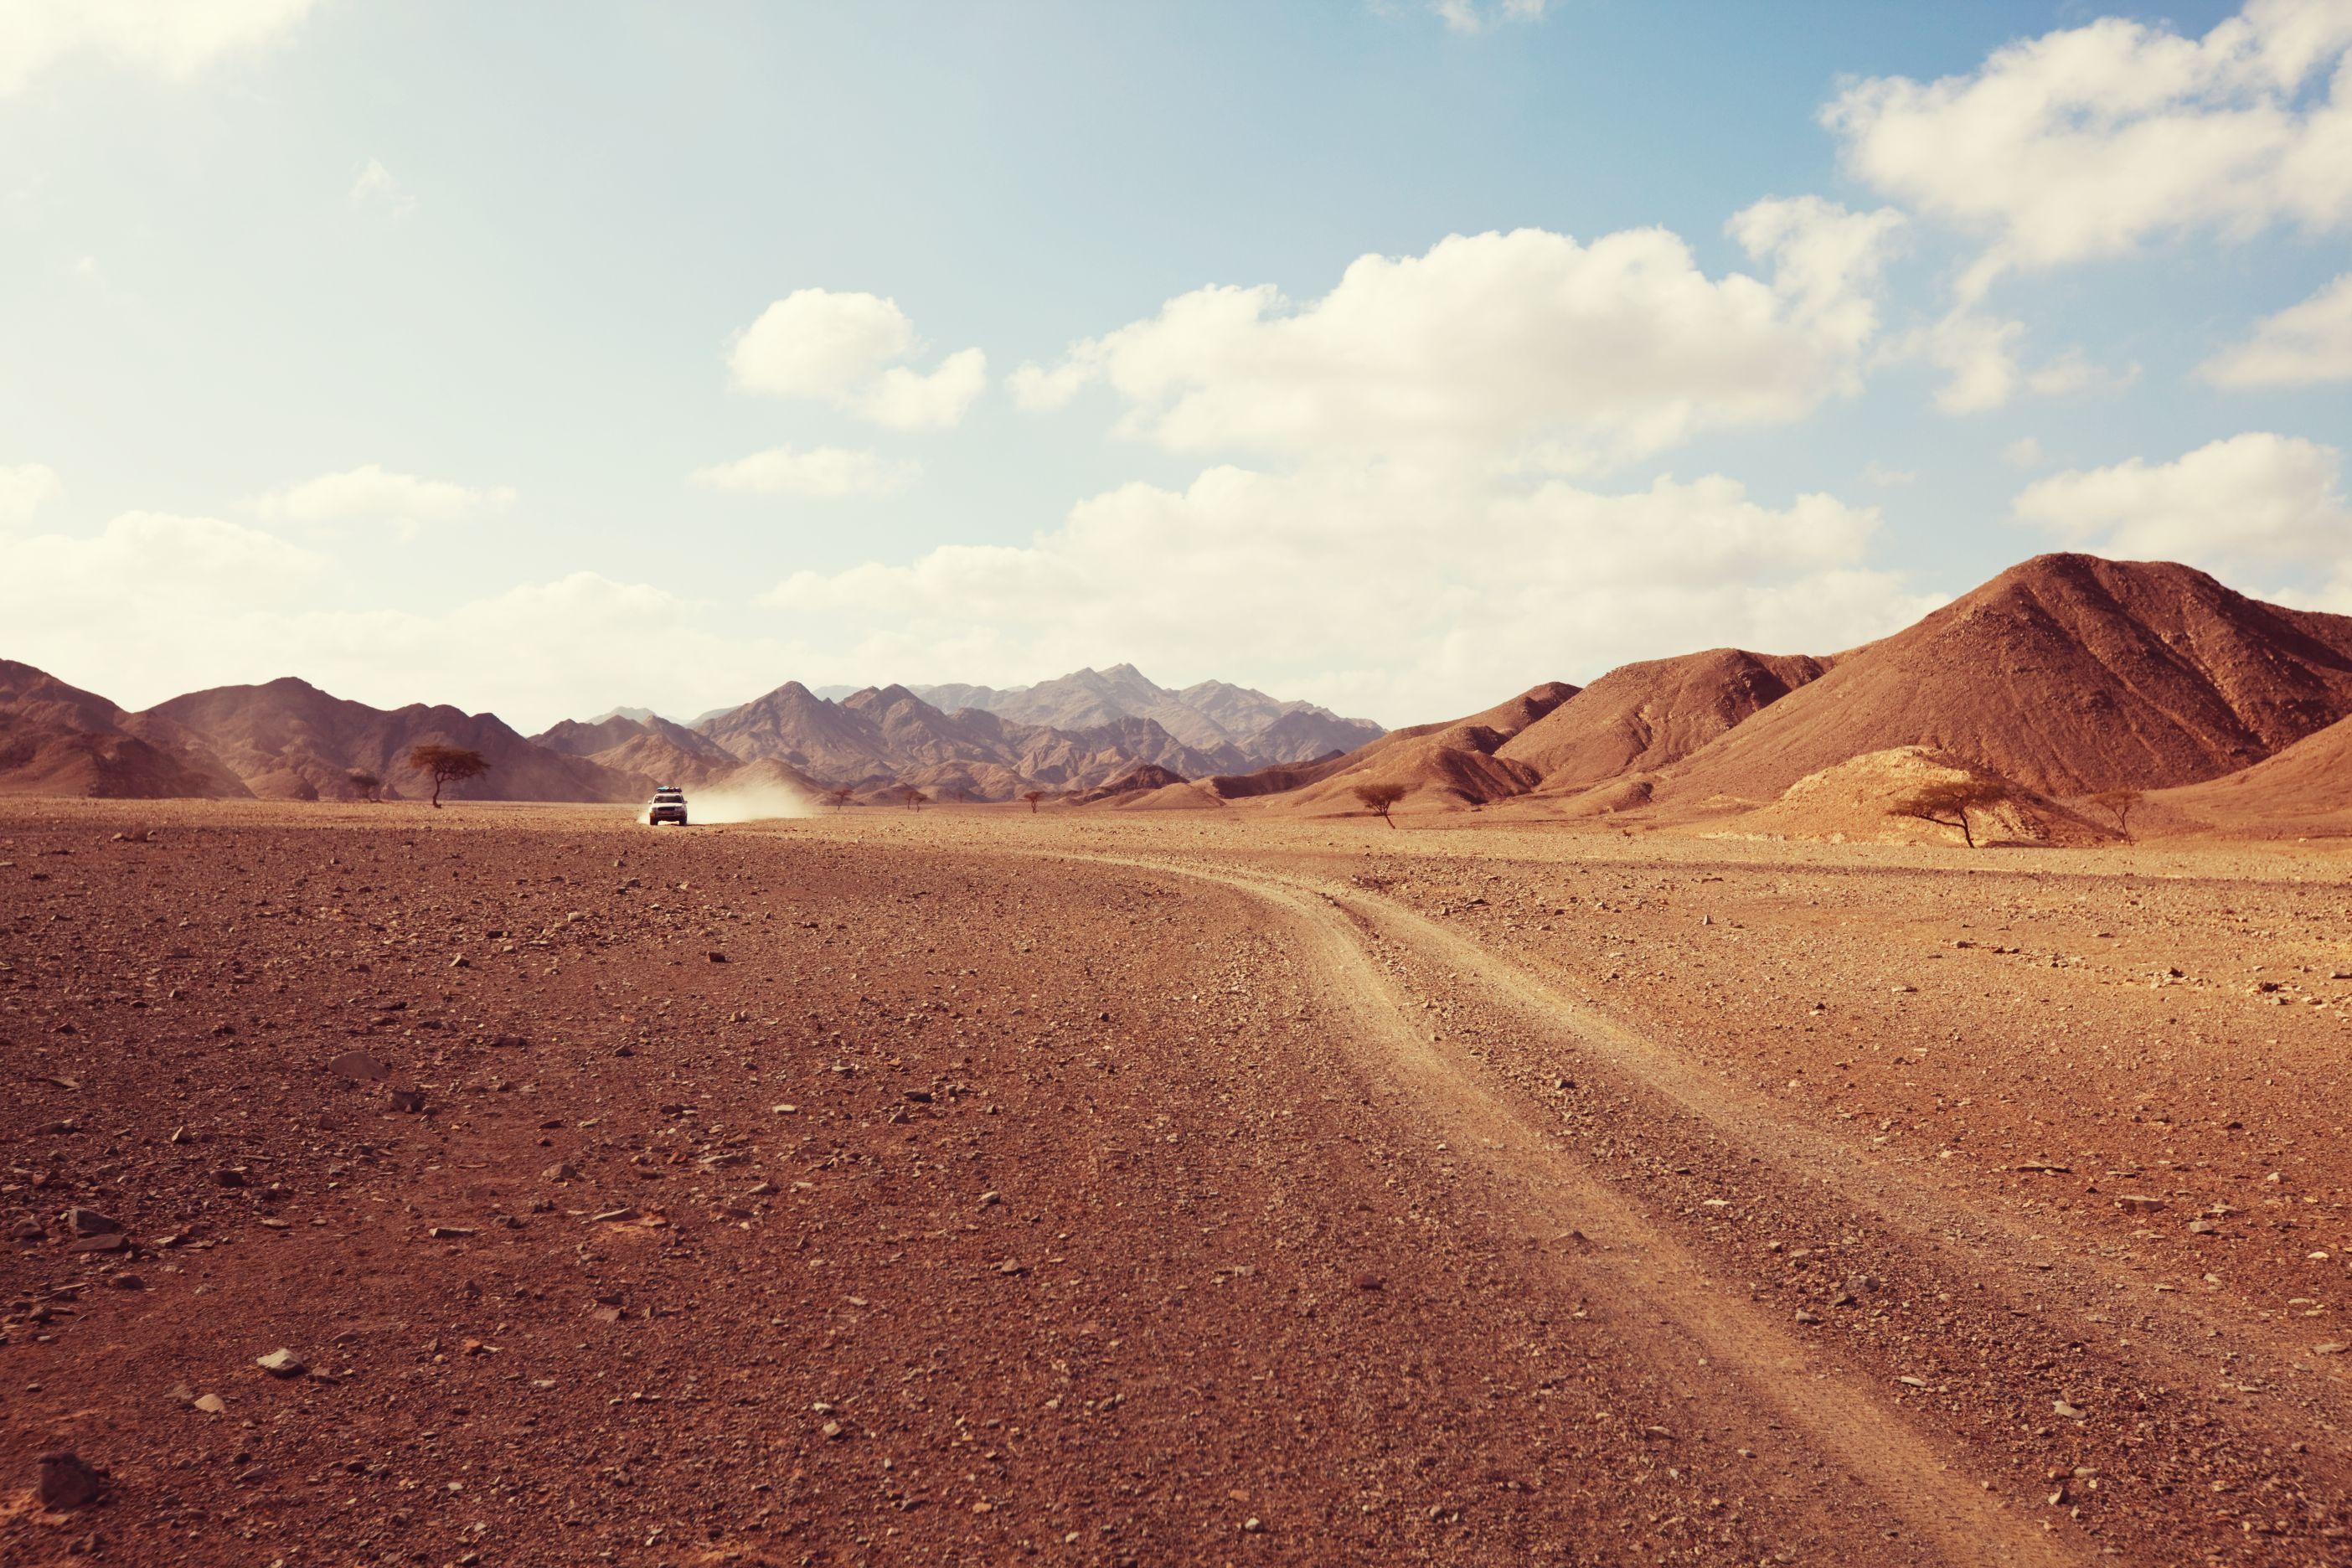 「意外が多いキャンピング天国!」アフリカを、なんと軽キャンパーで旅するご夫婦!